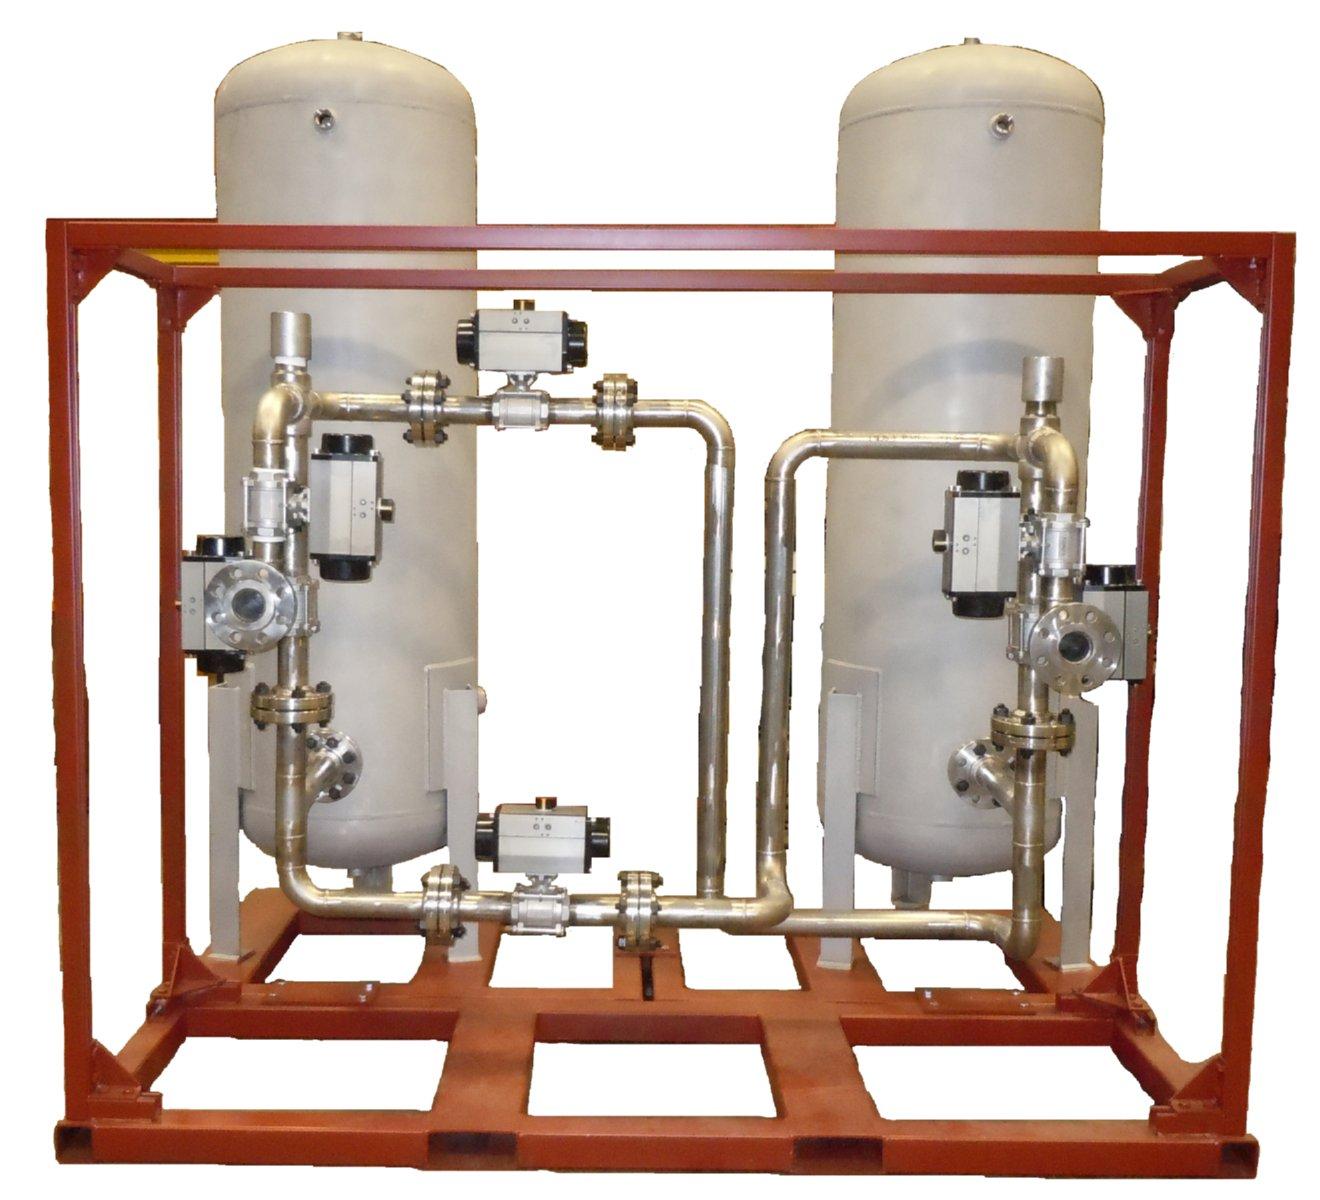 ASME Pressure Vessel Skid Assembly